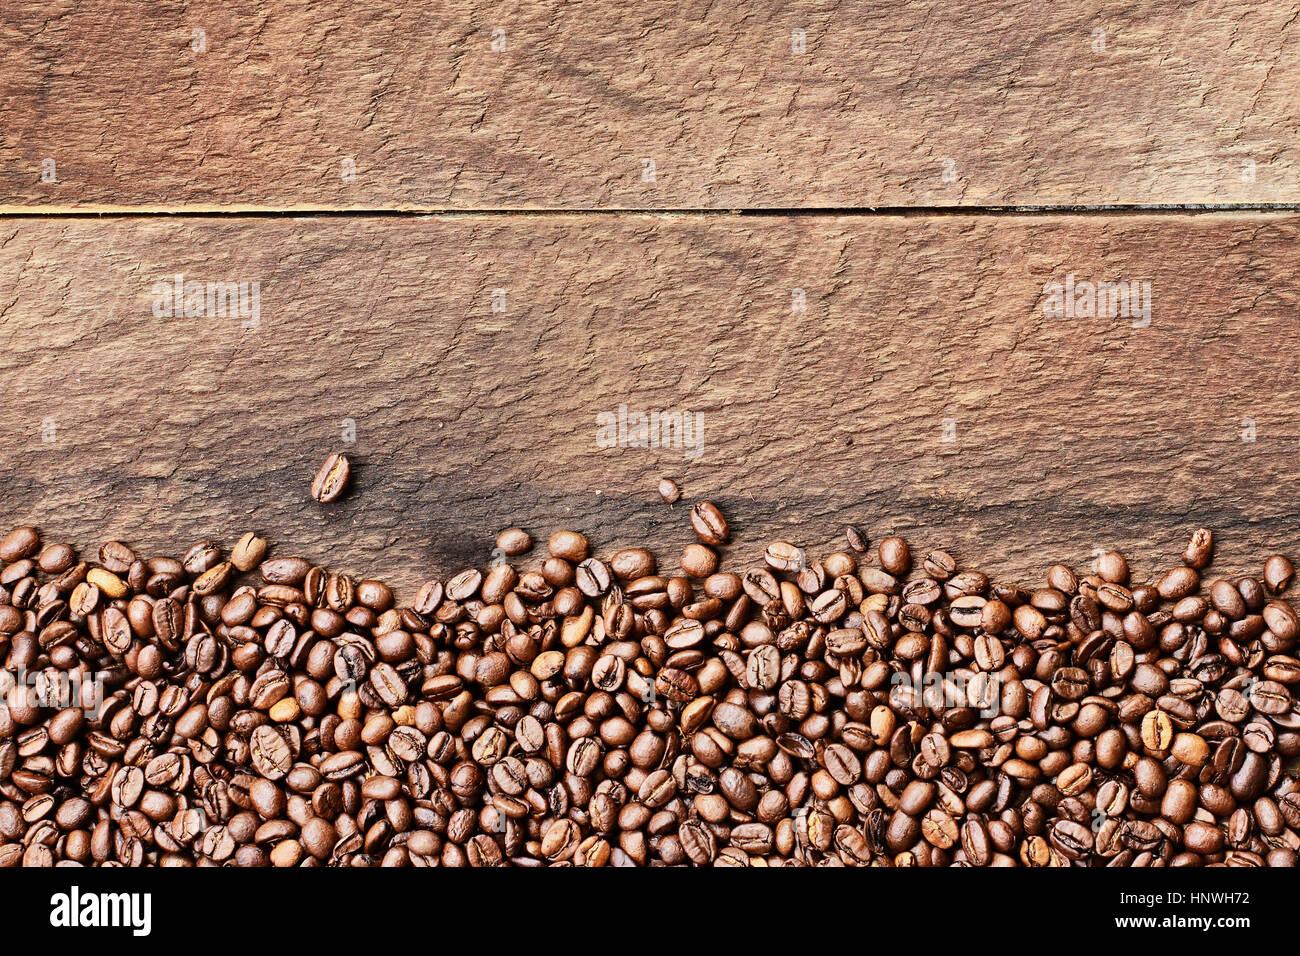 Fotografía cenital mirando hacia abajo en una imagen flatlay de granos de café sobre una tabla de madera Imagen De Stock